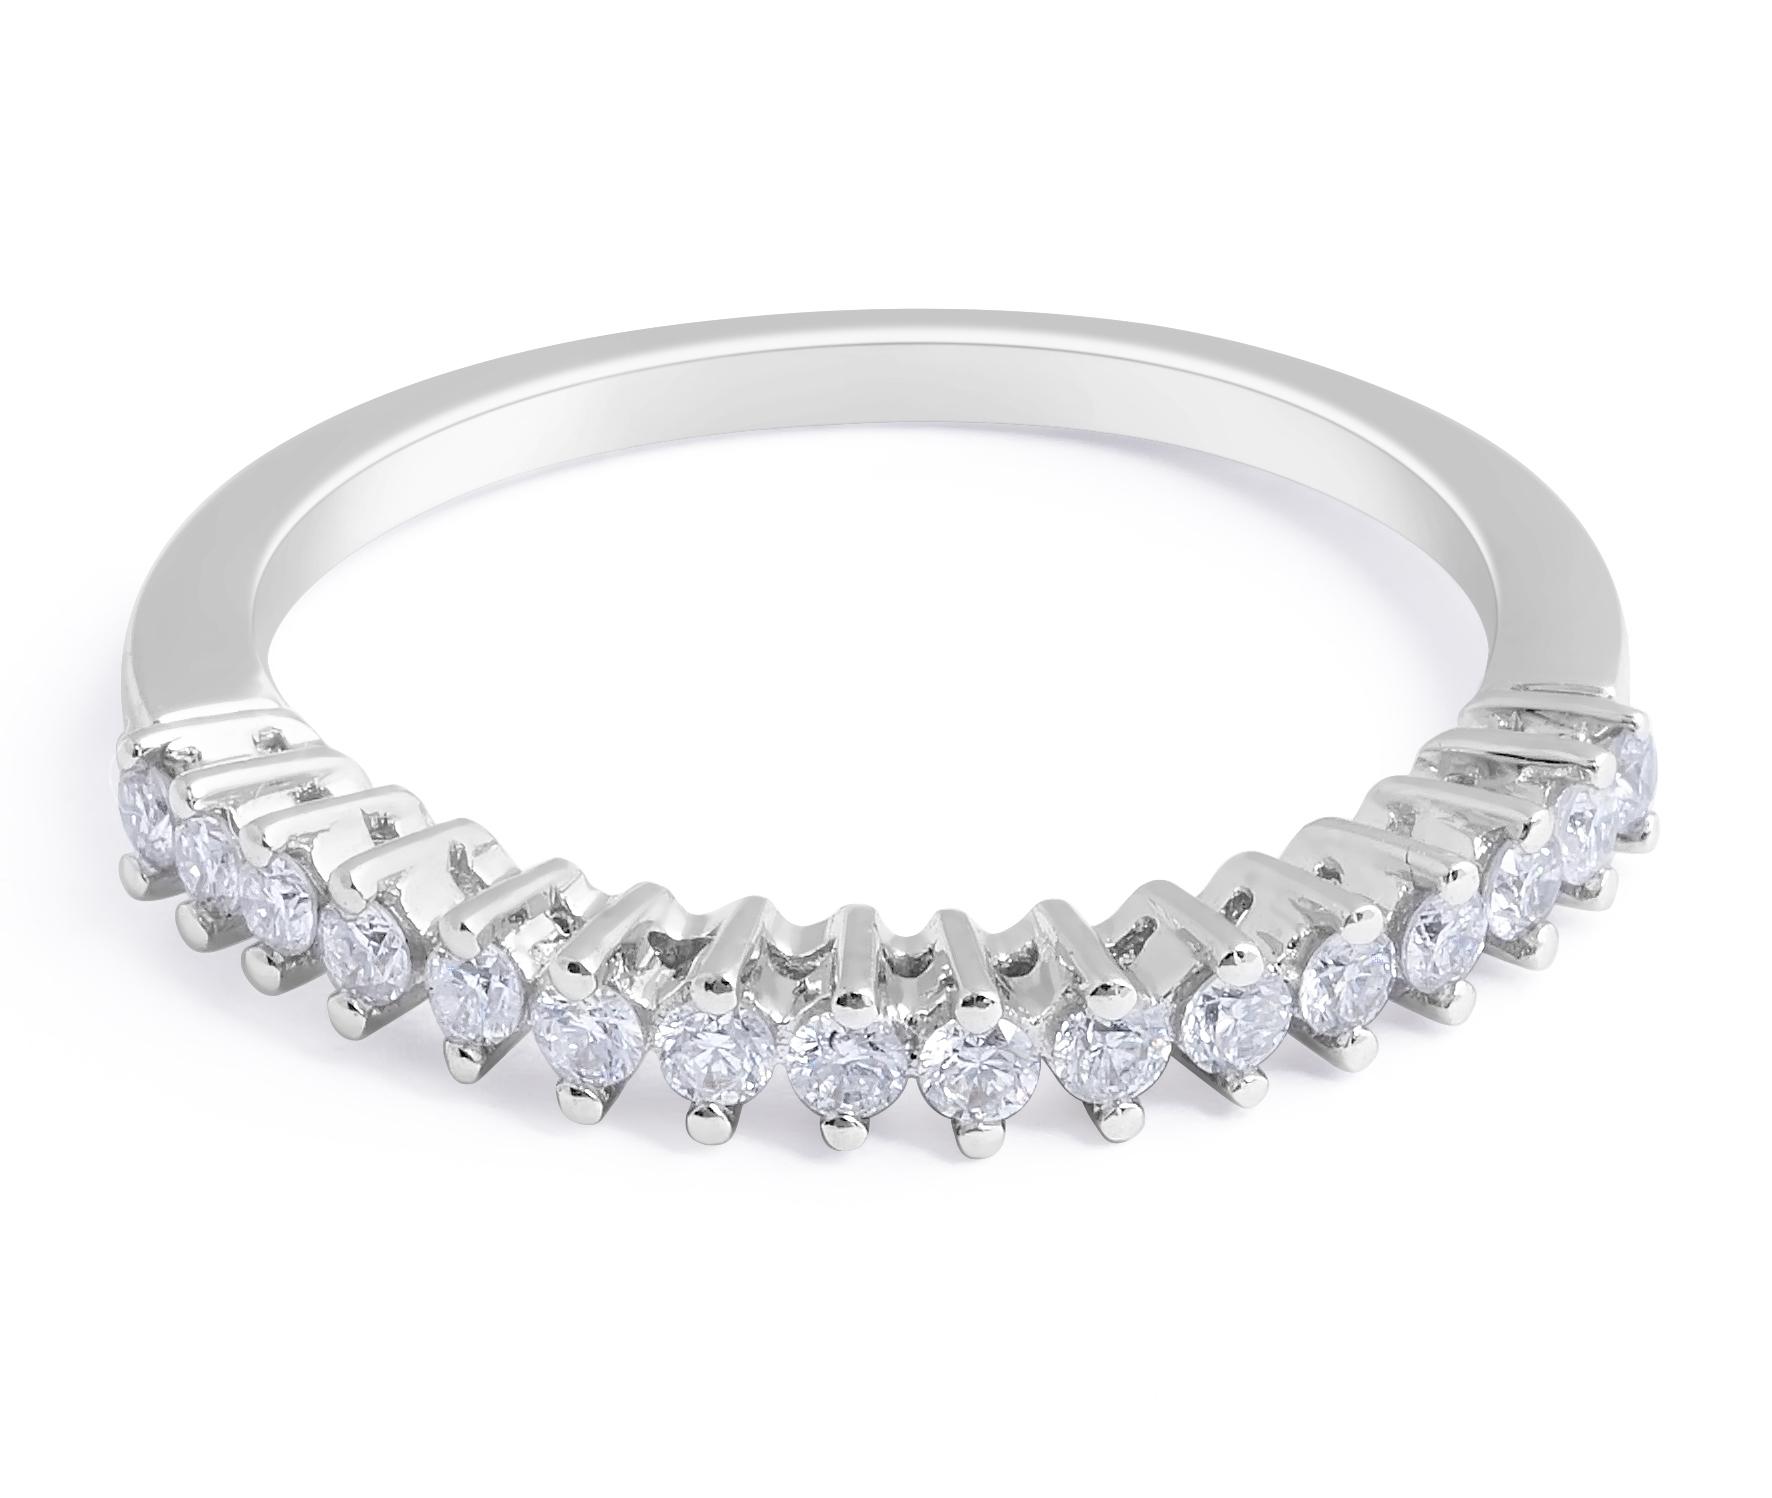 18 Karat White Gold Diamond wedding in Prong Setting